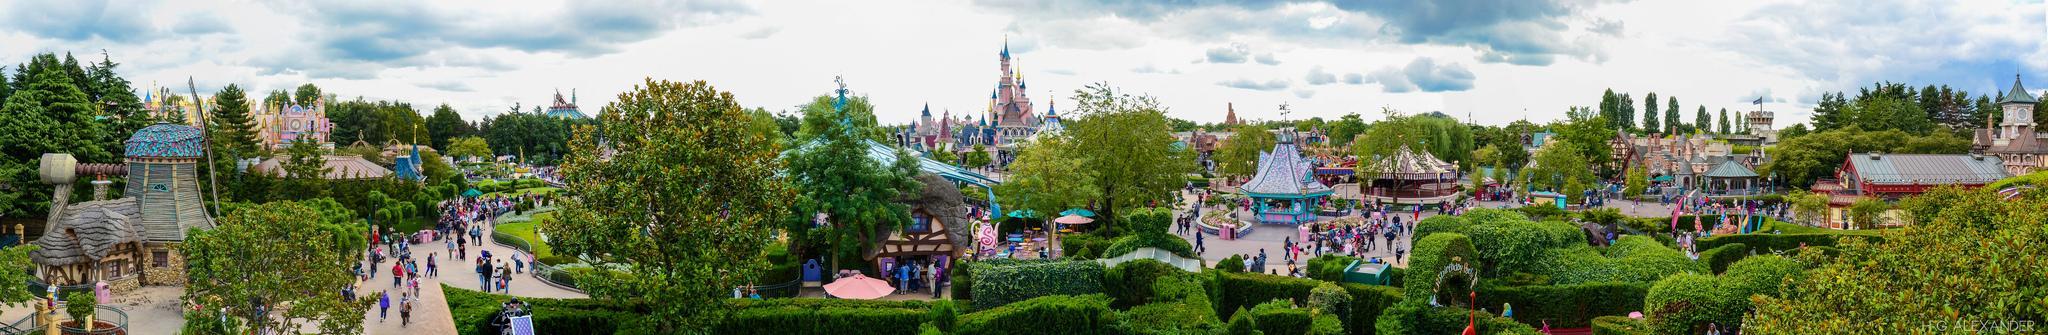 Disney Land Paris Top 5 Theme Parks